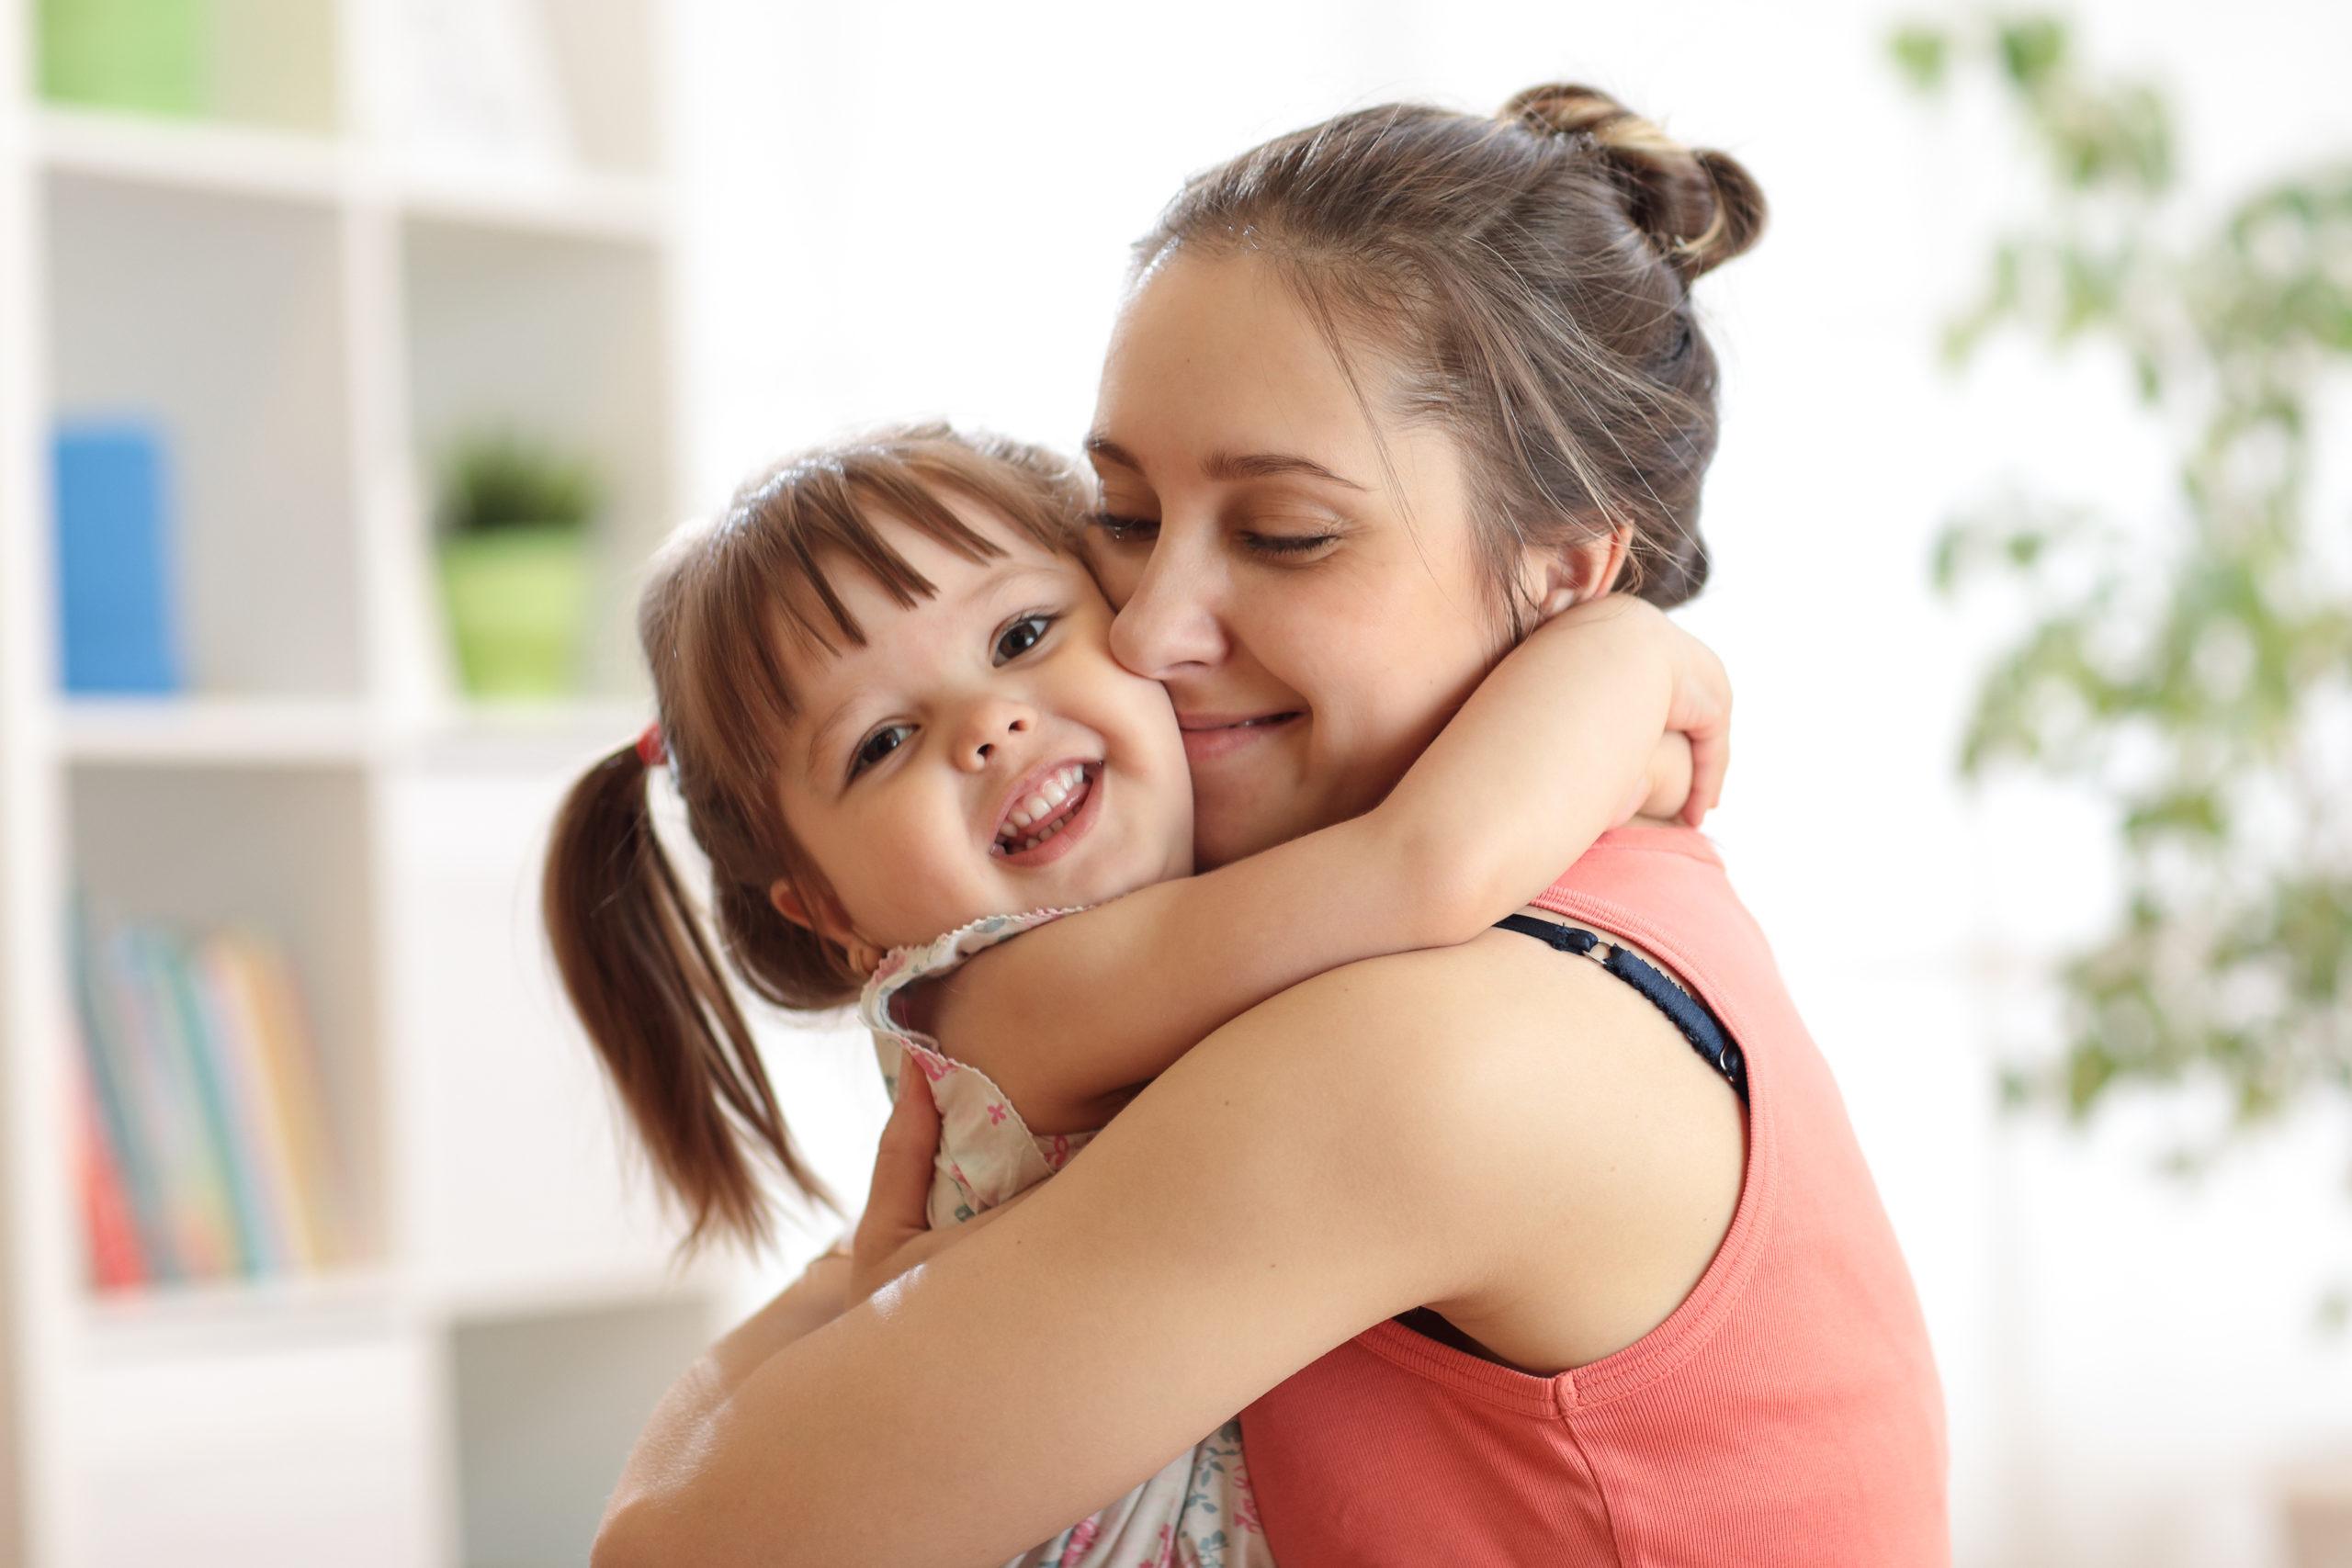 Familienhaus - Mutter Tochter